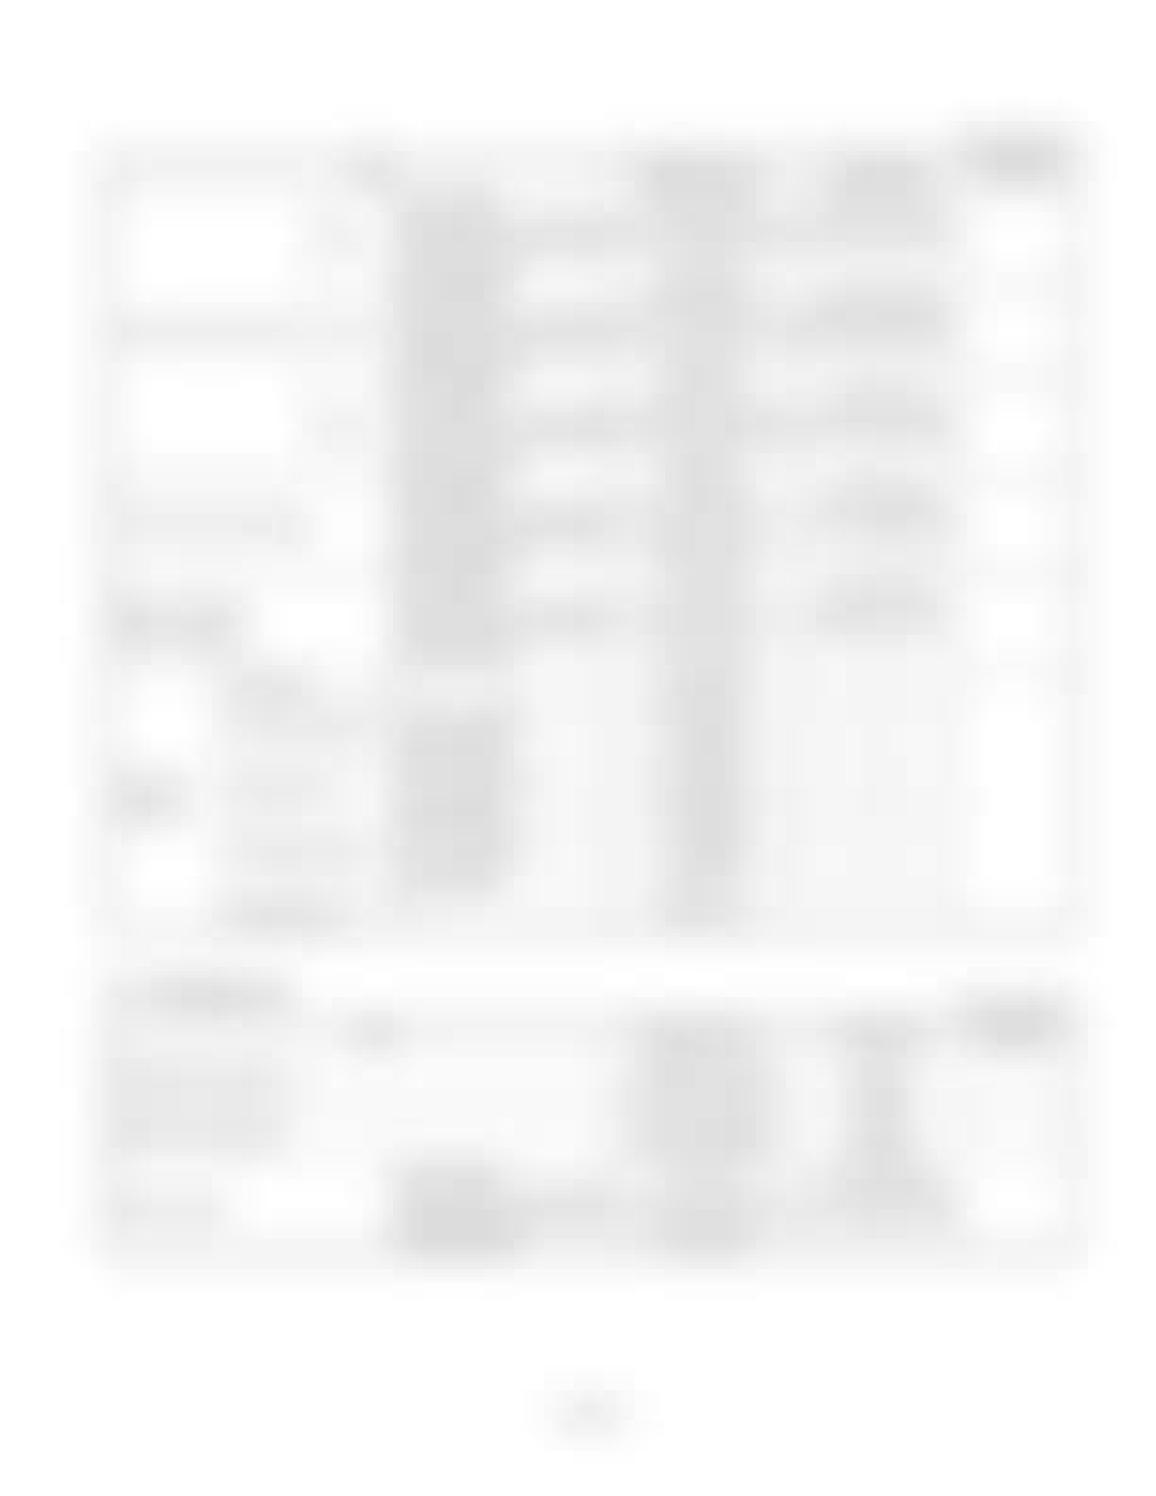 Hitachi LX110-7 LX130-7 LX160-7 LX190-7 LX230-7 Wheel Loader Workshop Manual - PDF DOWNLOAD page 153